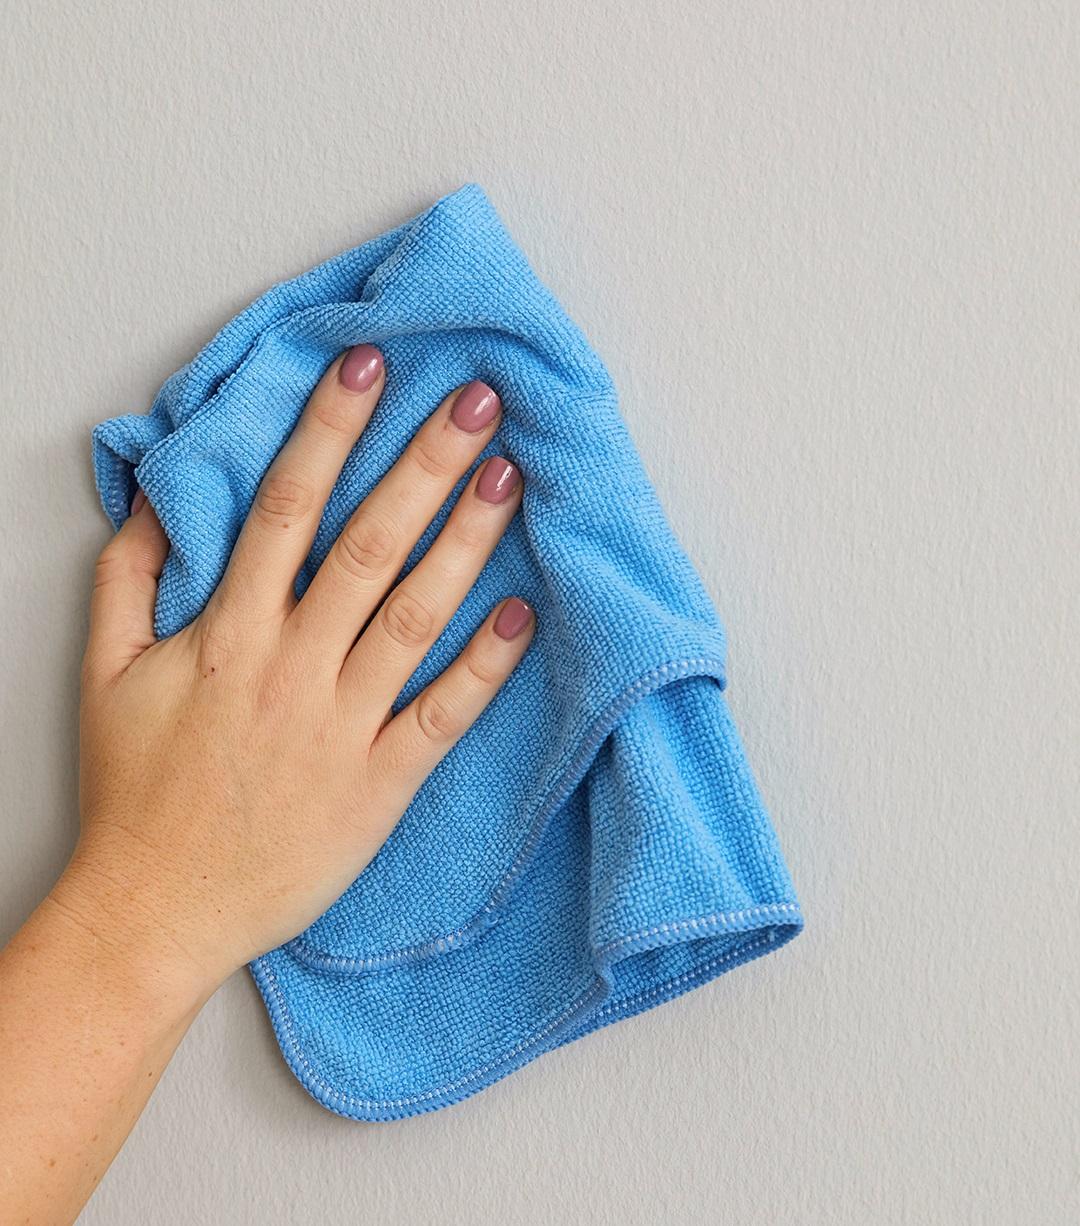 Gợi ý 5 cách làm sạch tường nhà bị bẩn nhanh chóng và hiệu quả - Ảnh 4.